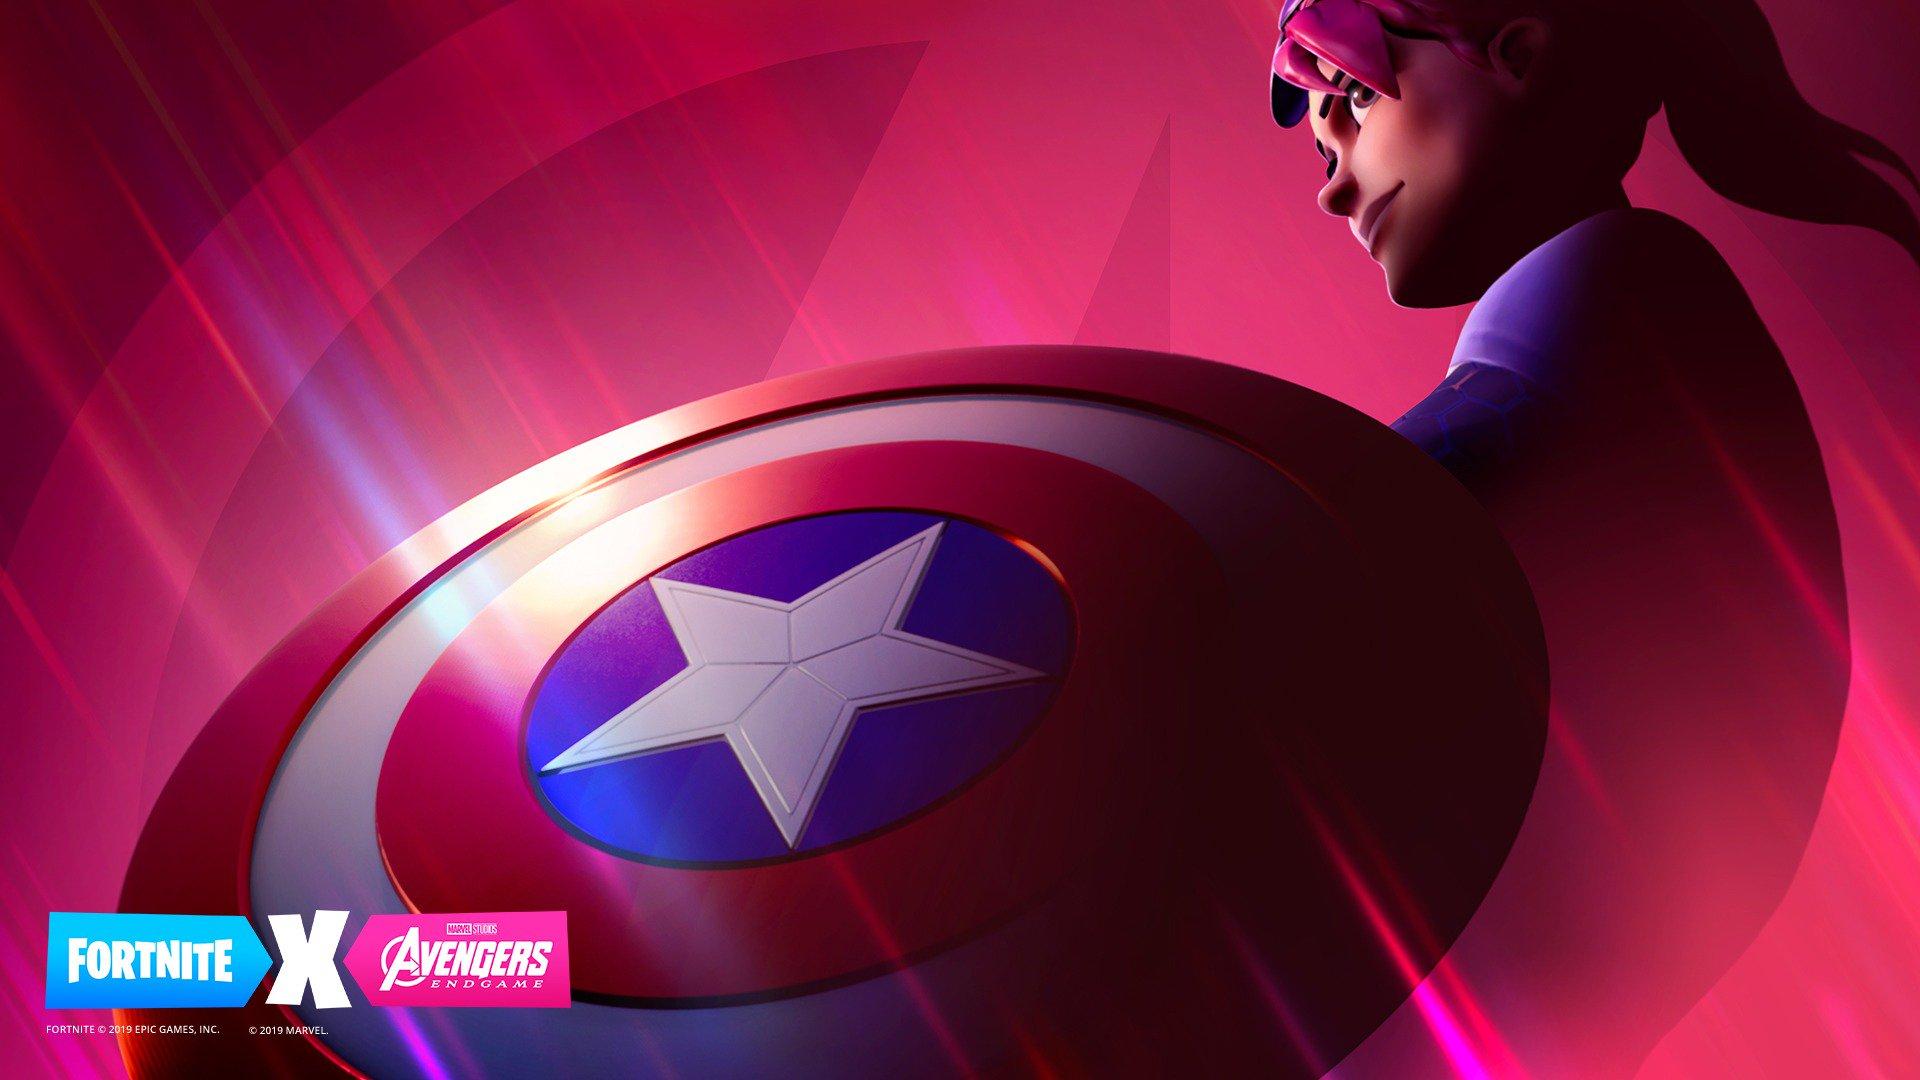 Fortnite teases Avengers crossover event